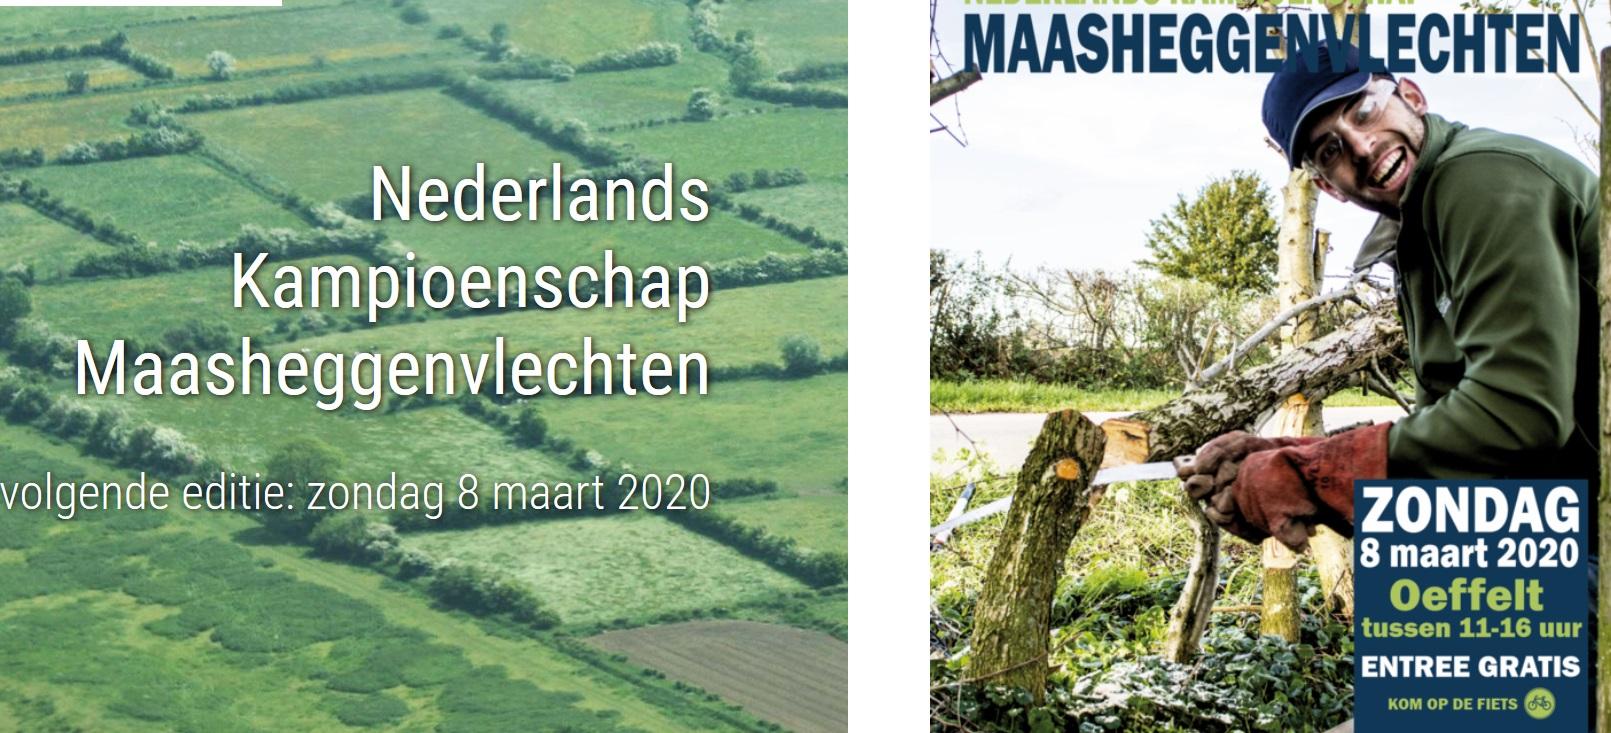 8 maart 2020 Nederlands Kampioenschap Maasheggenvlechten - Oefelt